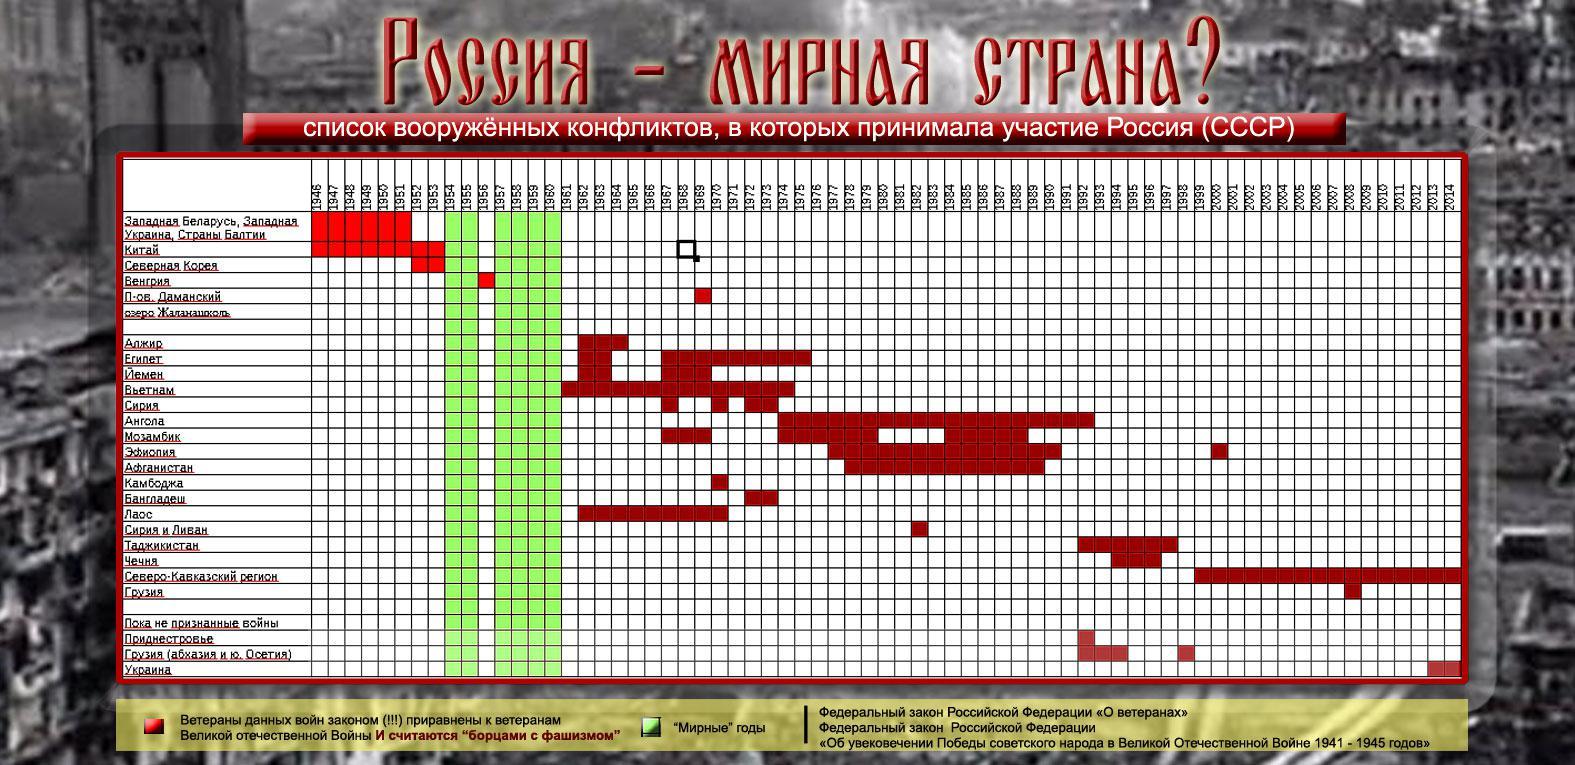 Якщо Москва хоче миру, то миротворча місія на Донбасі - шанс продемонструвати це, - Порошенко - Цензор.НЕТ 9878